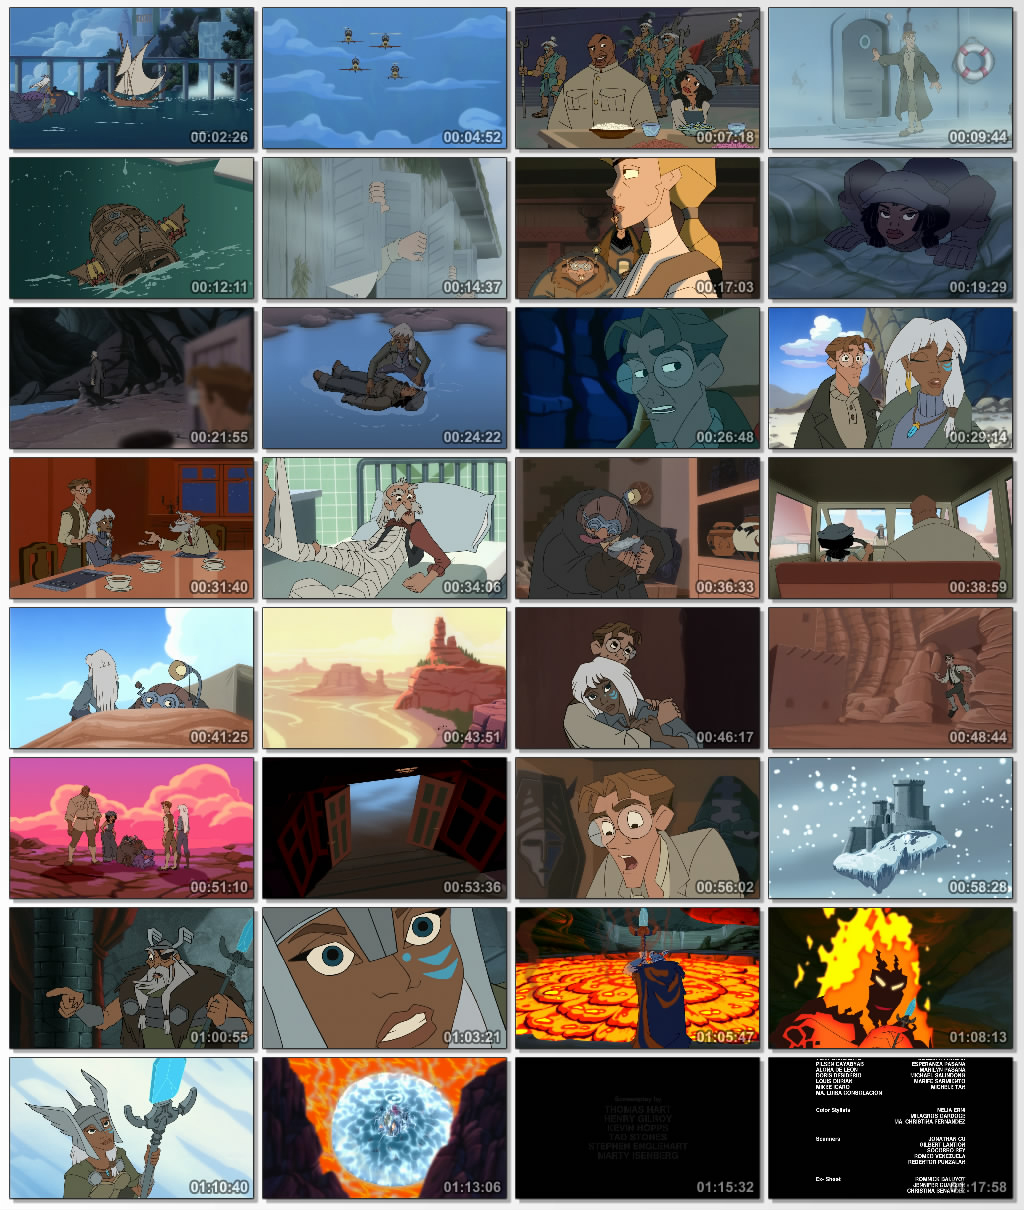 دانلود انیمیشن کارتونی Atlantis Milos Return 2003